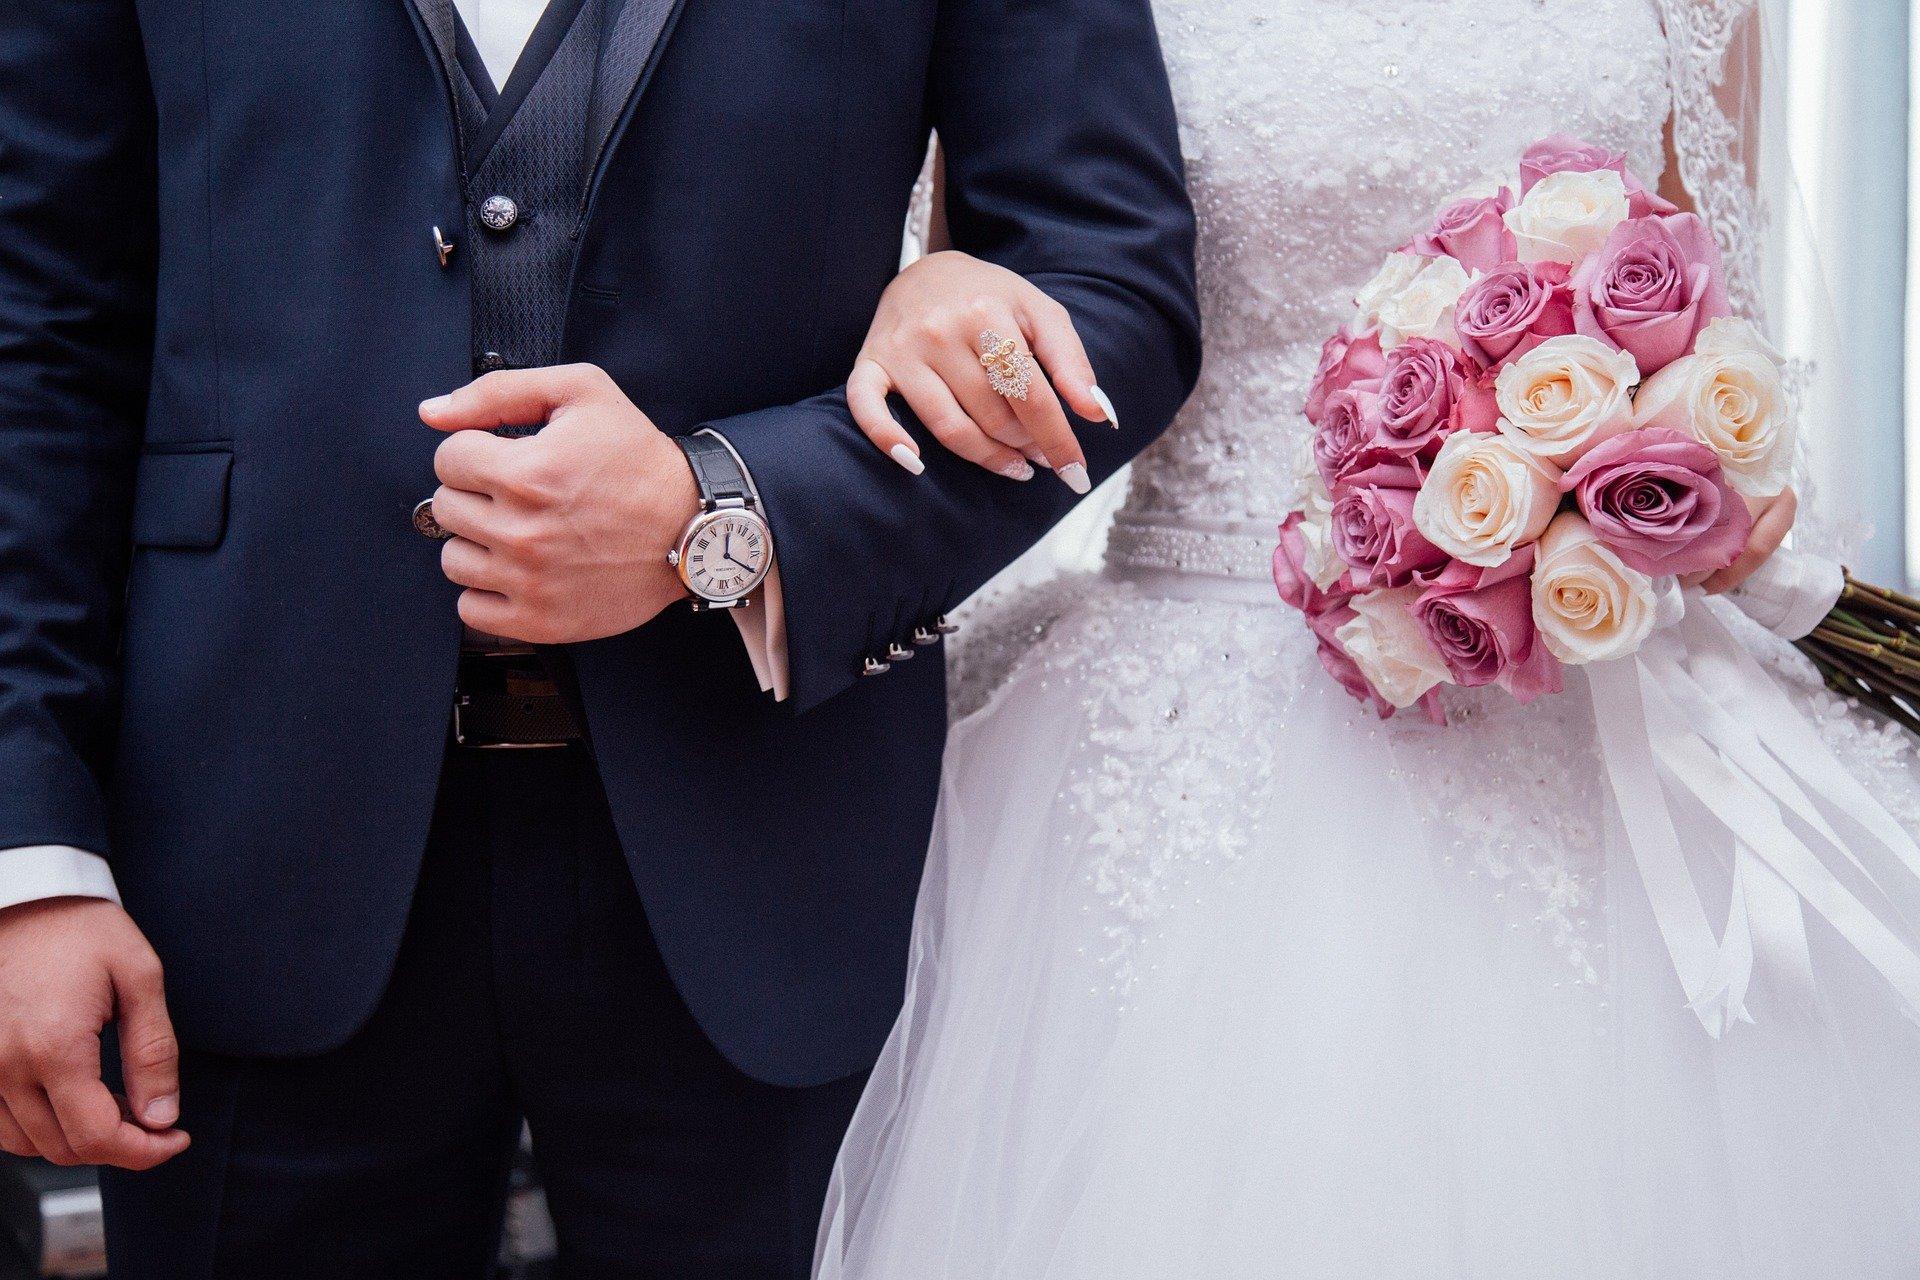 Der niedrige Corona-Inzidenzwert macht es möglich: Hochzeiten sind in Gelsenkirchen nun mit bis zu 15 Personen erlaubt.